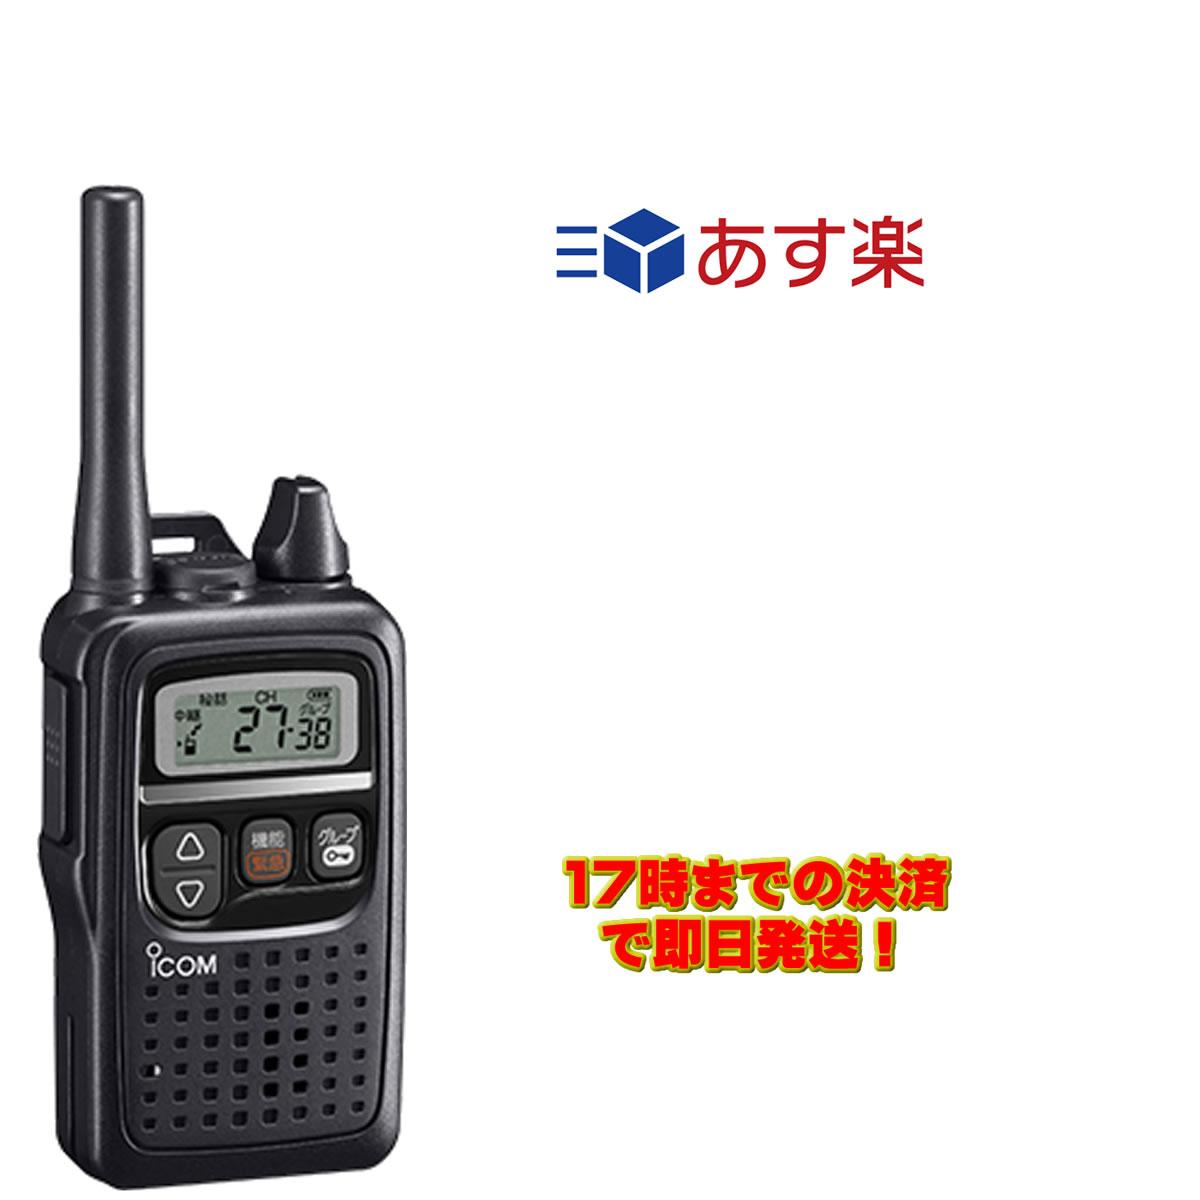 【ラッキーシール対応】 IC-4350 アイコム 特定小電力トランシーバー 免許・資格不要